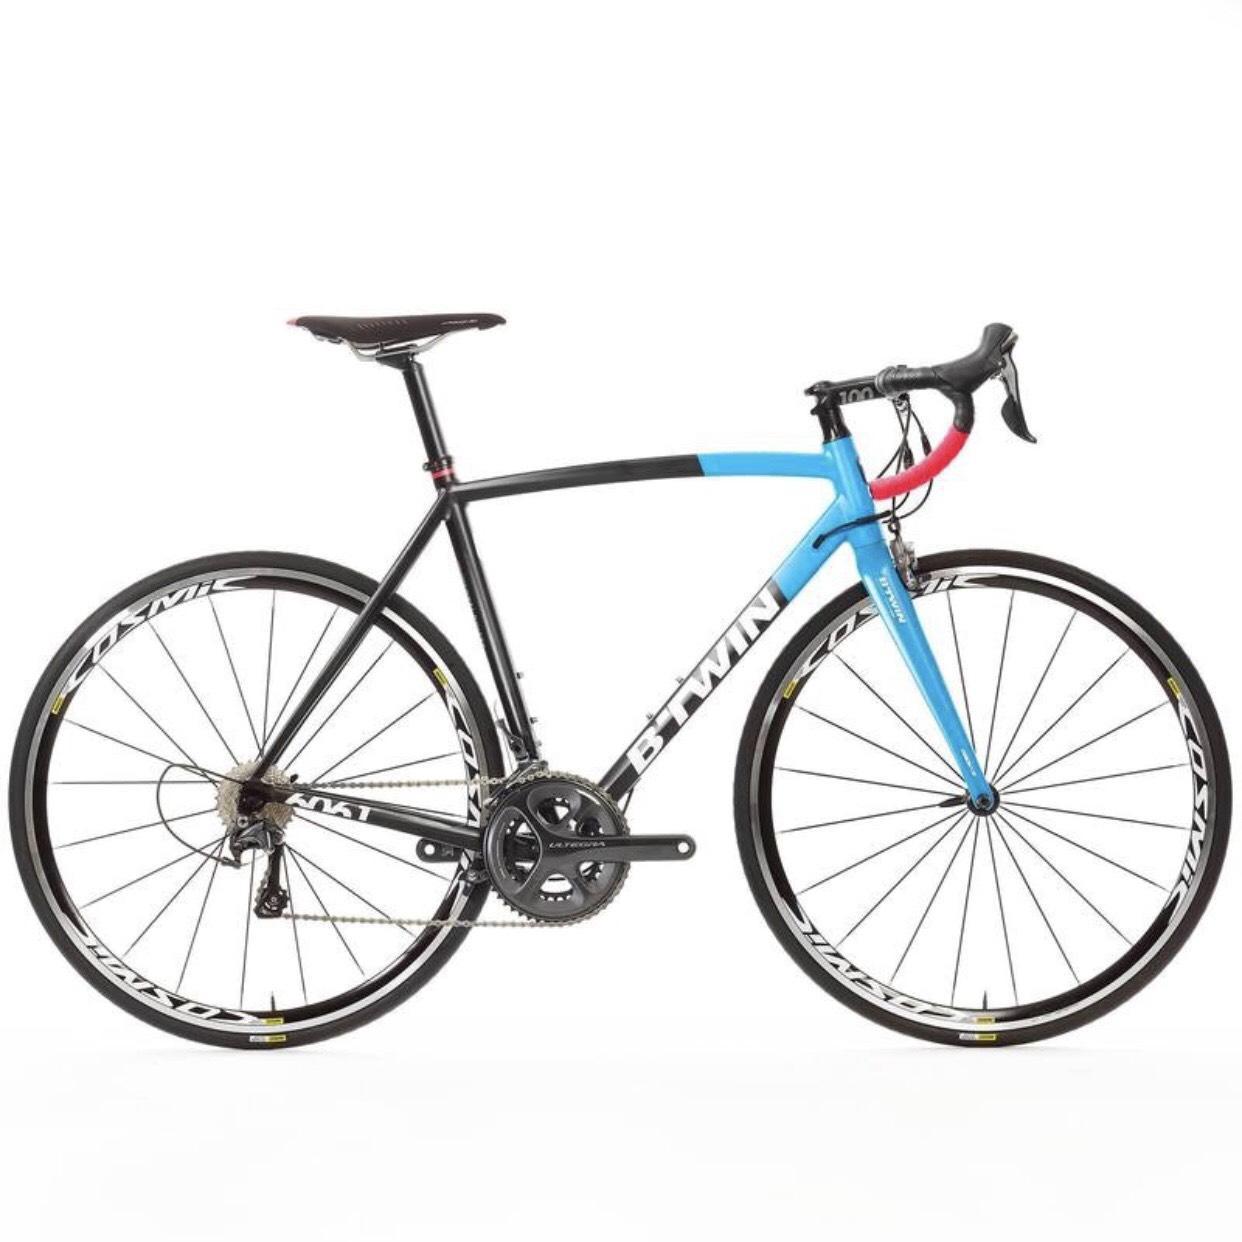 Sélections de vélos en promotion - Ex : vélo de route B'Twin Ultra 920 AF - en aluminium, bleu / noir (du M au XL)